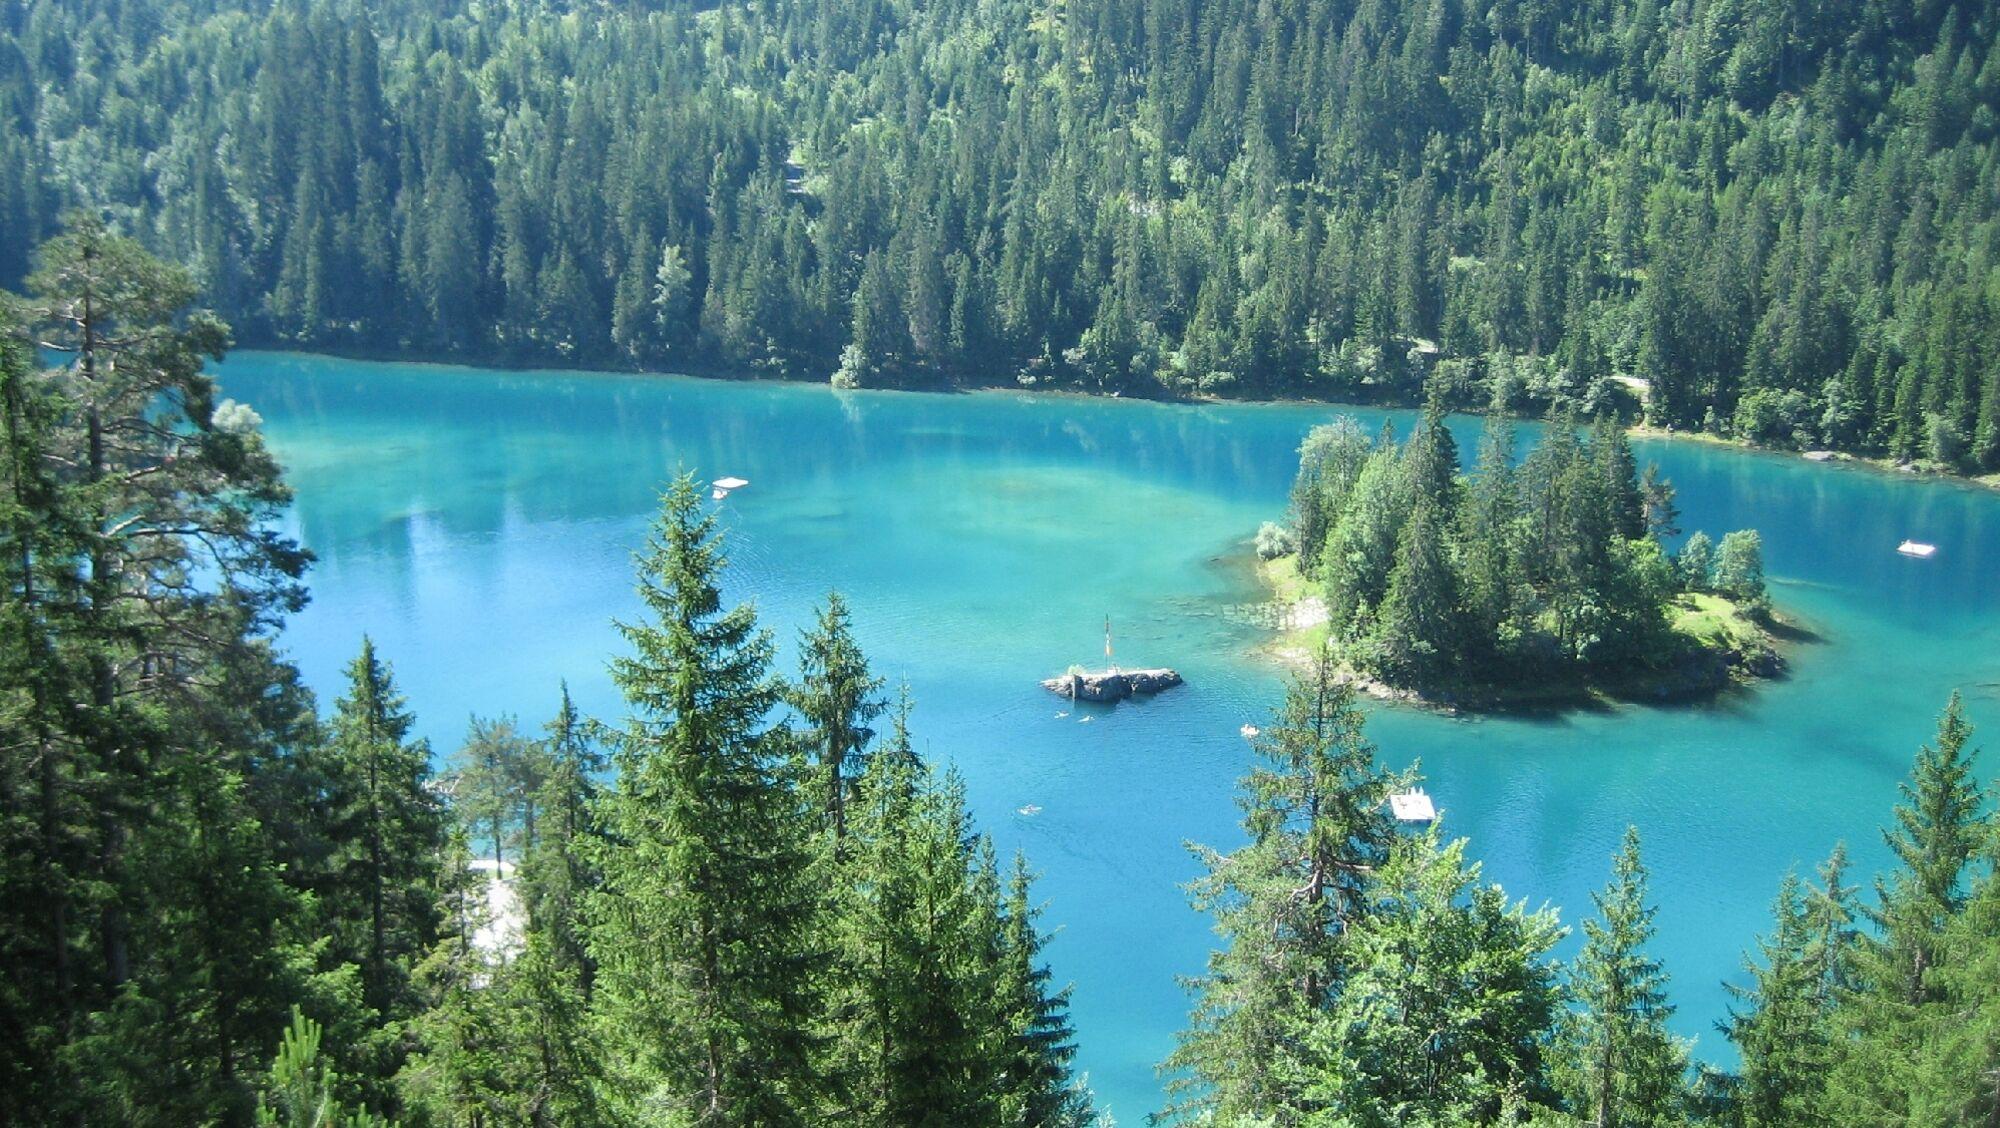 Von Wald umgeben: der türkisgrüne Caumasee